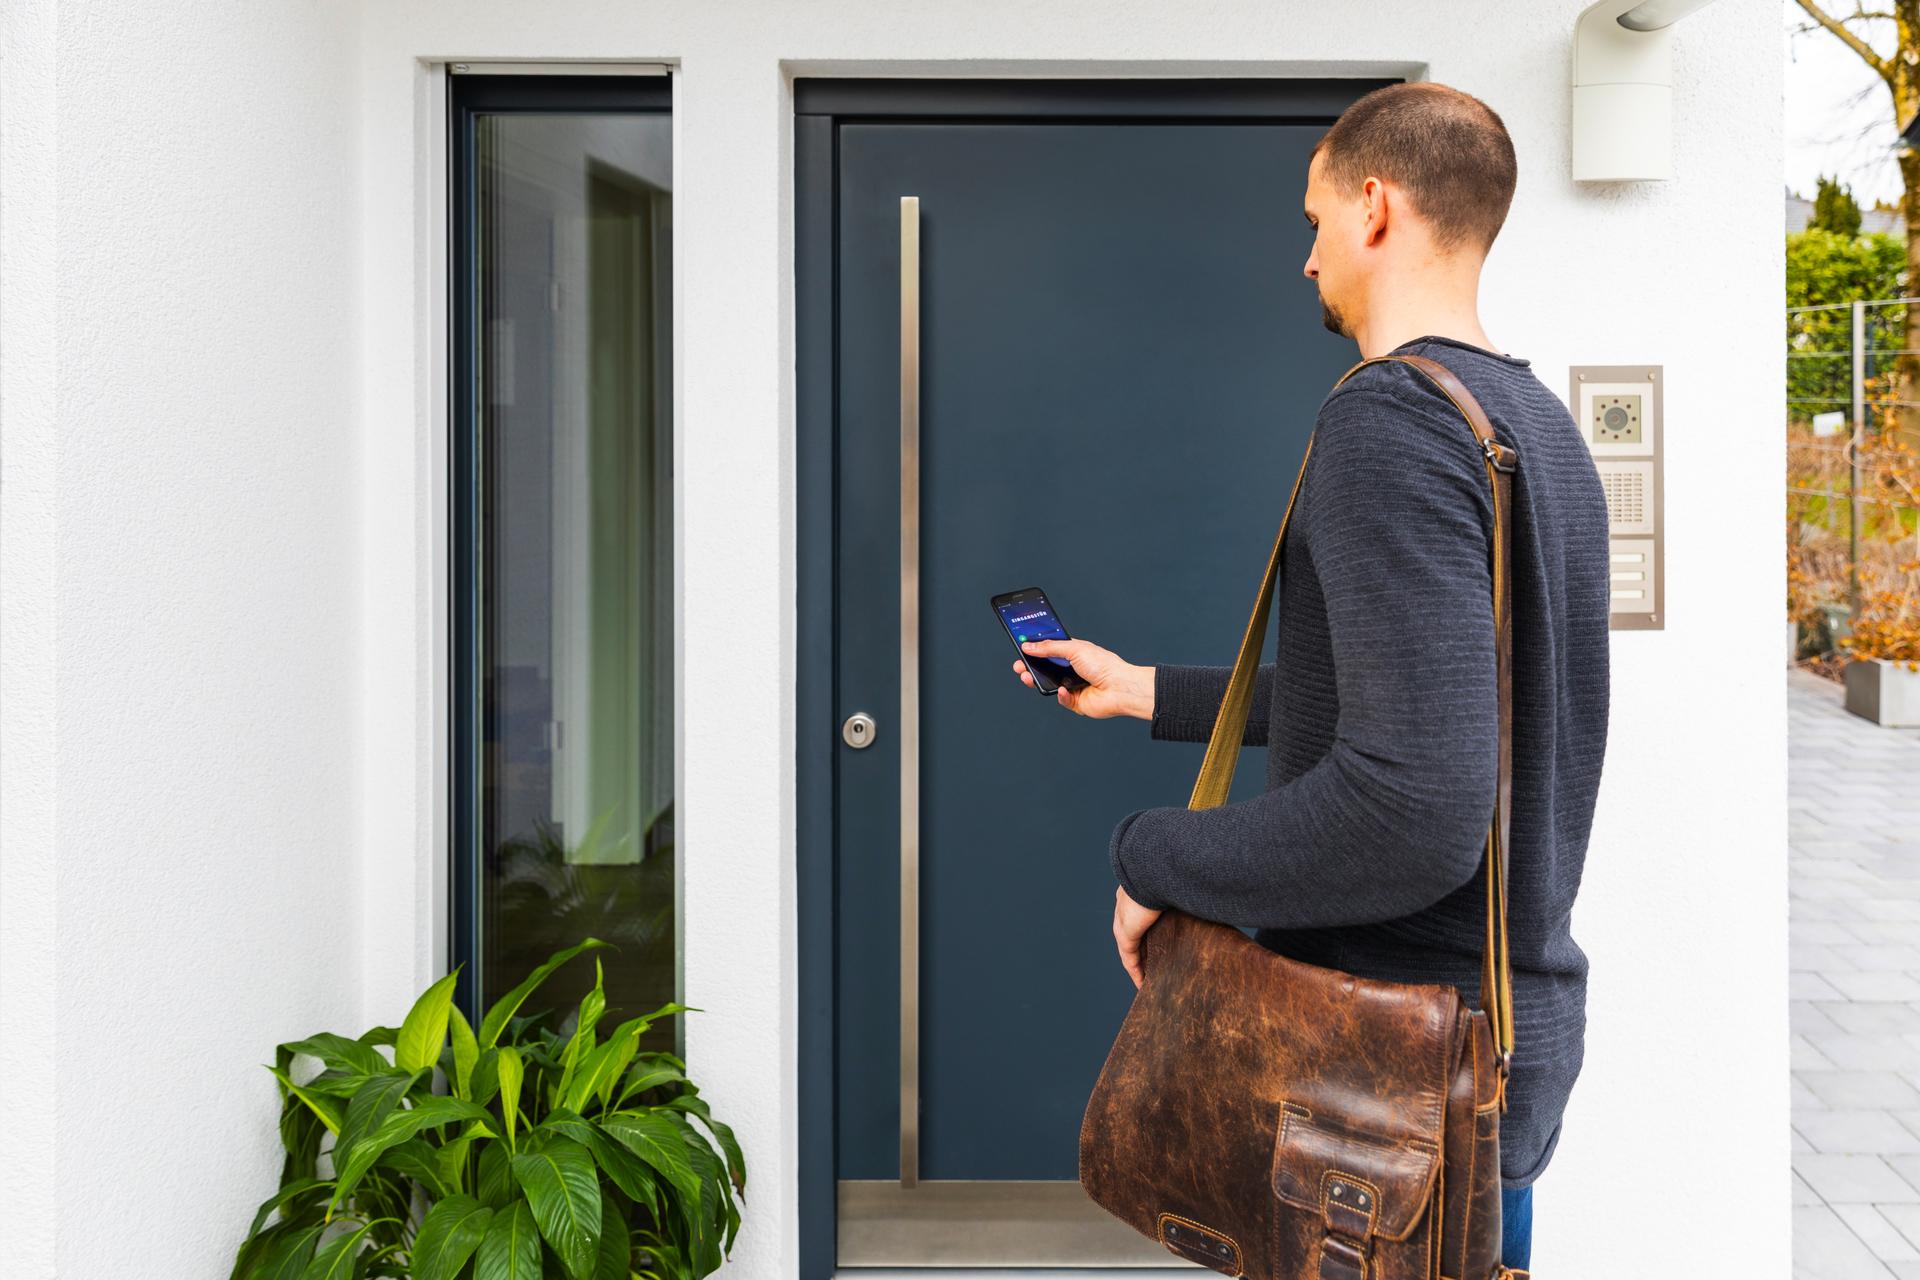 Neben Fingerscanner, Tastatur und Fernbedieung kann der HomeTec Pro Bluetooth®-Türschlossantrieb auch einfach per App betätigt werden